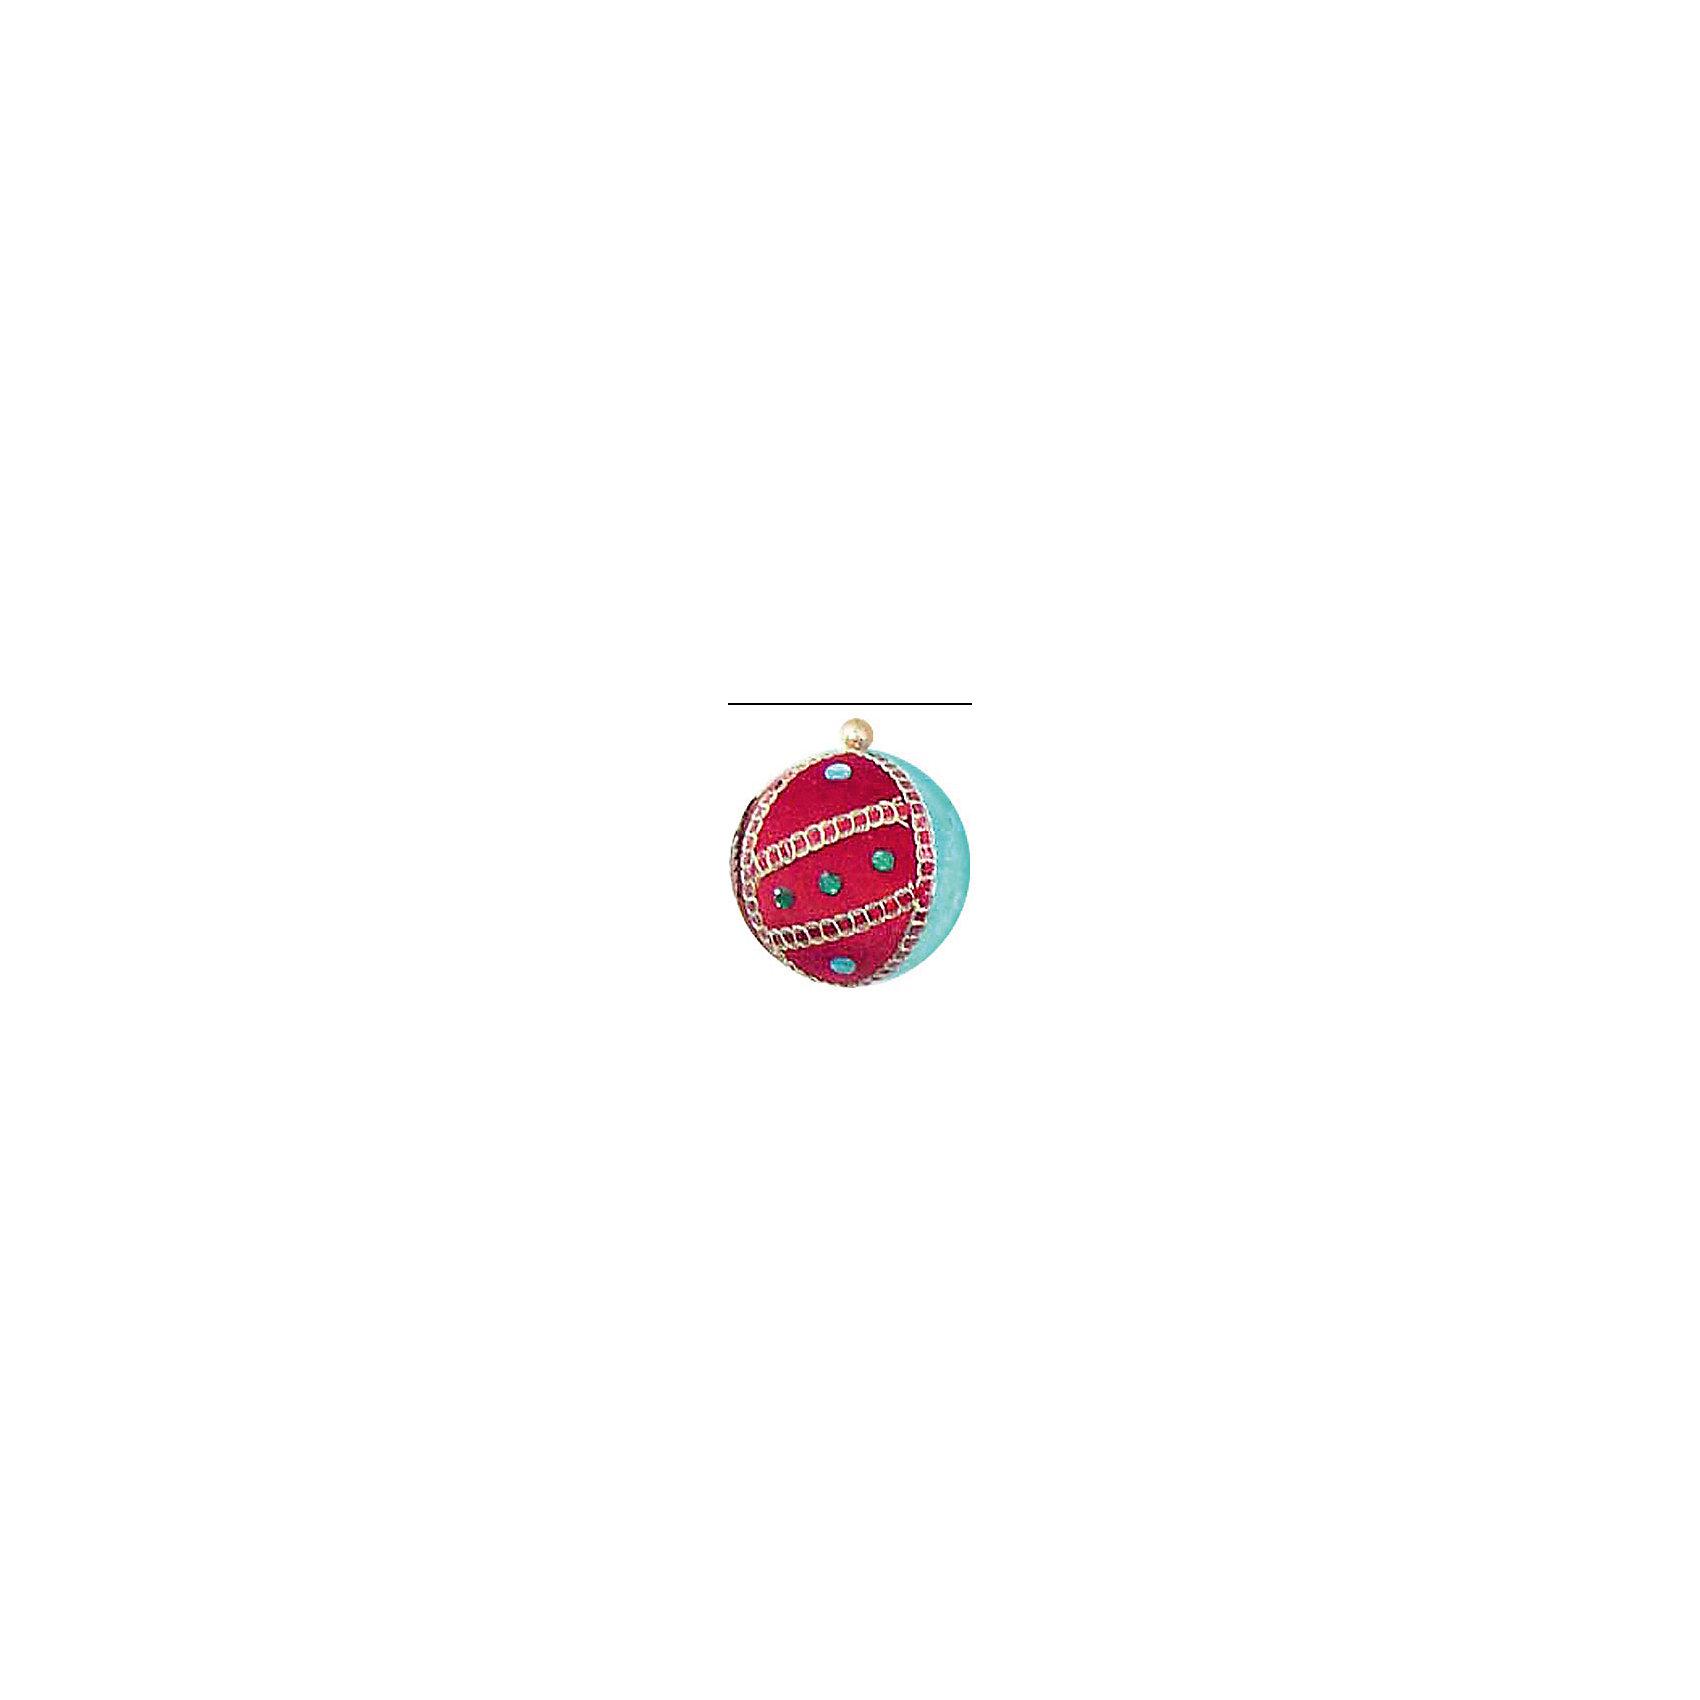 Украшение шар Детская флок, 9 см, красный и голубойВсё для праздника<br>ёл. укр. шар ДЕТСКАЯ флок, 9см, 1шт, красн/голубой<br><br>Ширина мм: 110<br>Глубина мм: 110<br>Высота мм: 20<br>Вес г: 100<br>Возраст от месяцев: 36<br>Возраст до месяцев: 2147483647<br>Пол: Унисекс<br>Возраст: Детский<br>SKU: 5101065